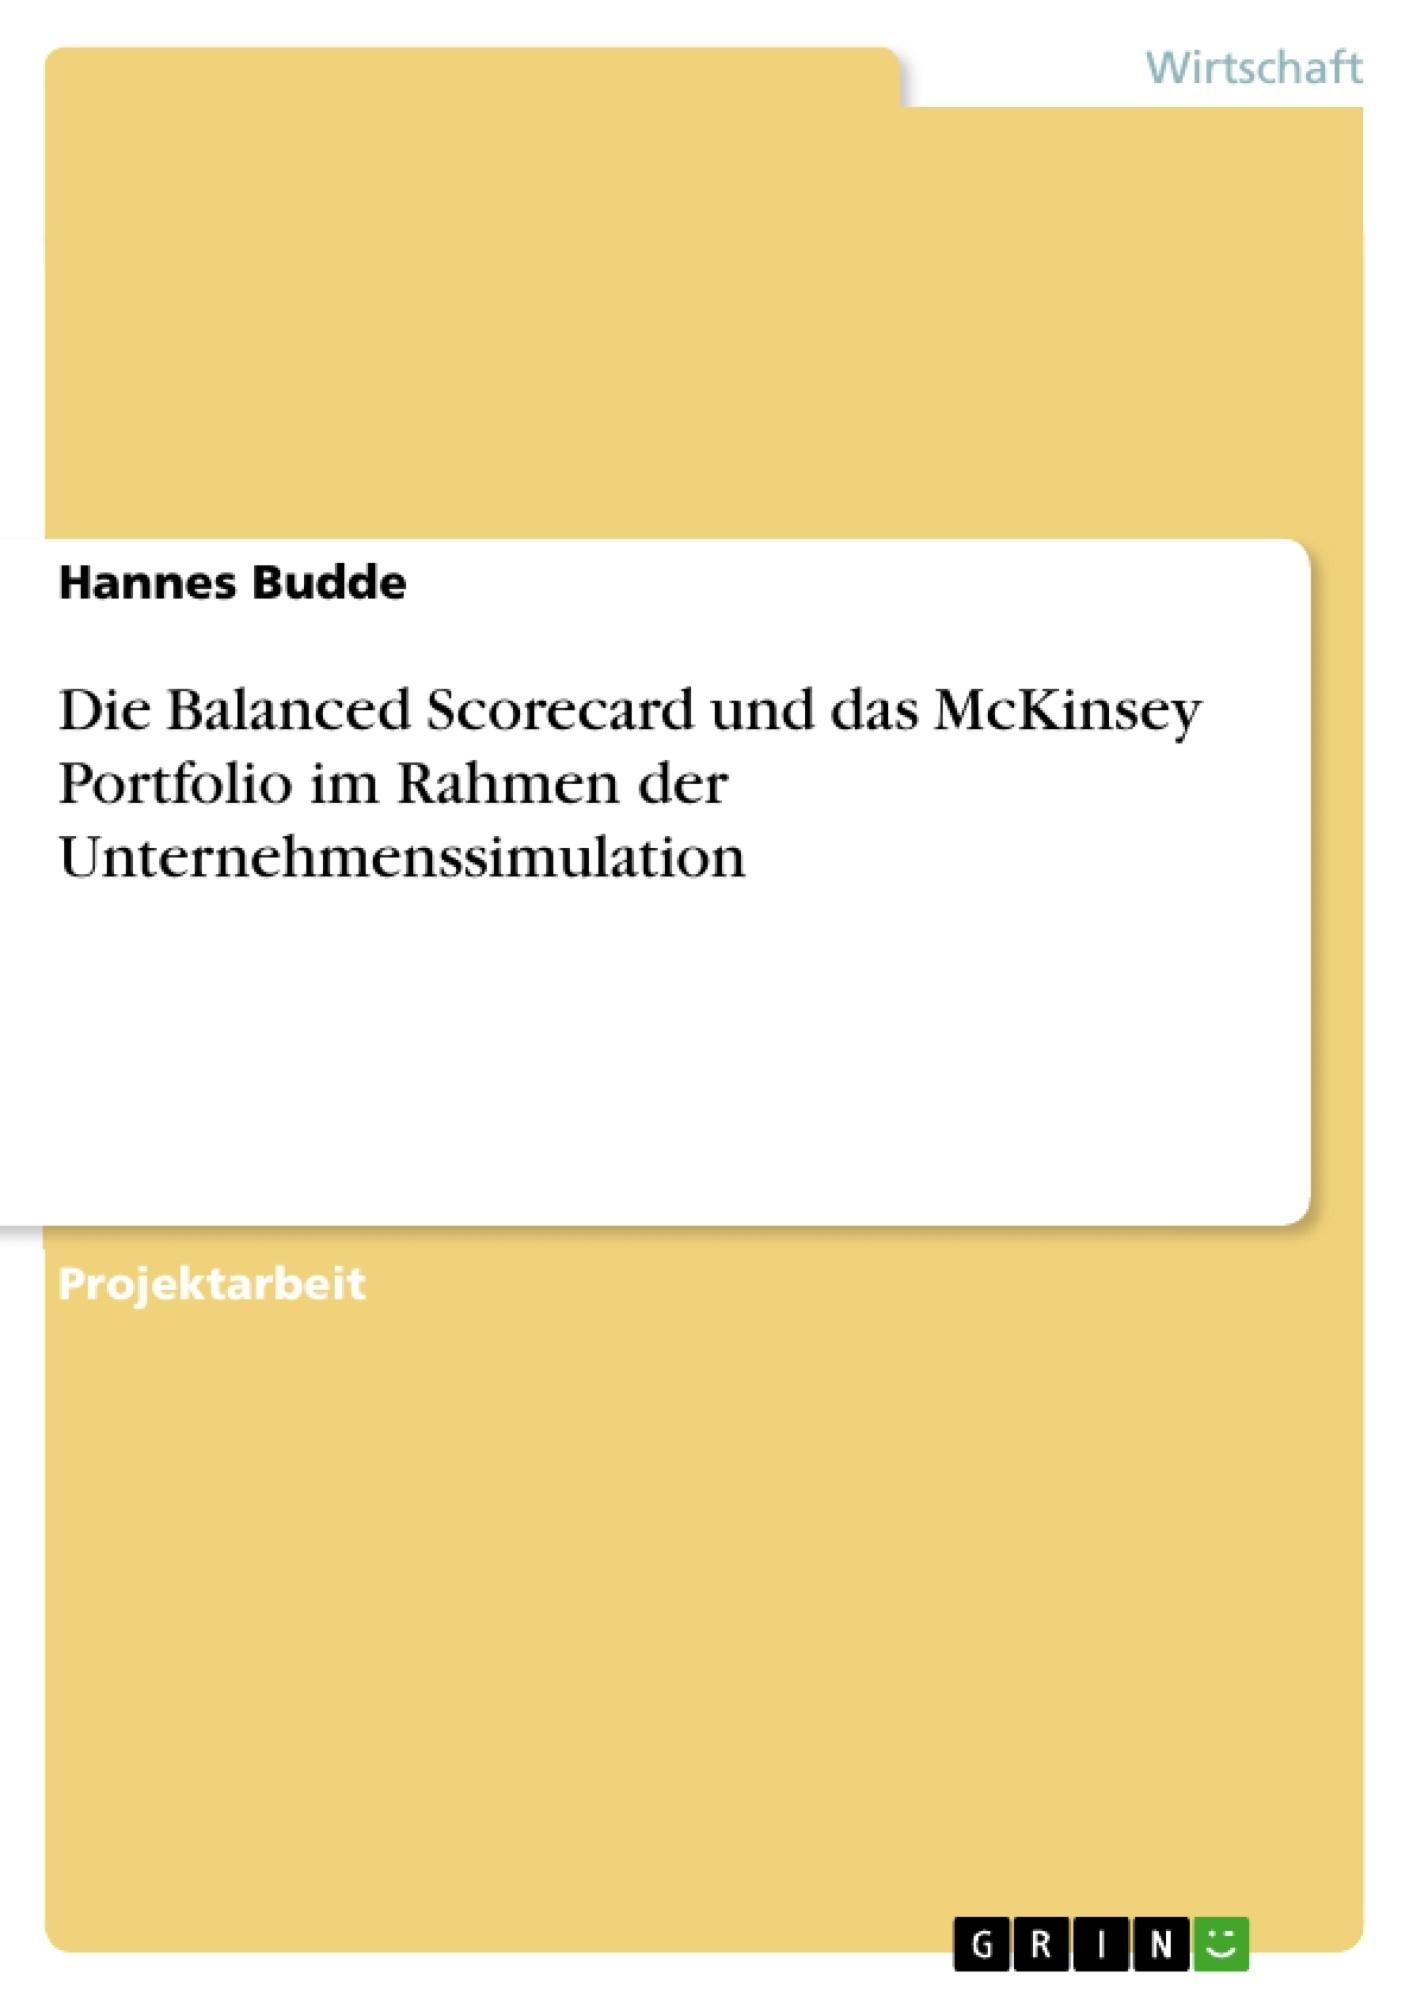 Titel: Die Balanced Scorecard und das McKinsey Portfolio im Rahmen der Unternehmenssimulation